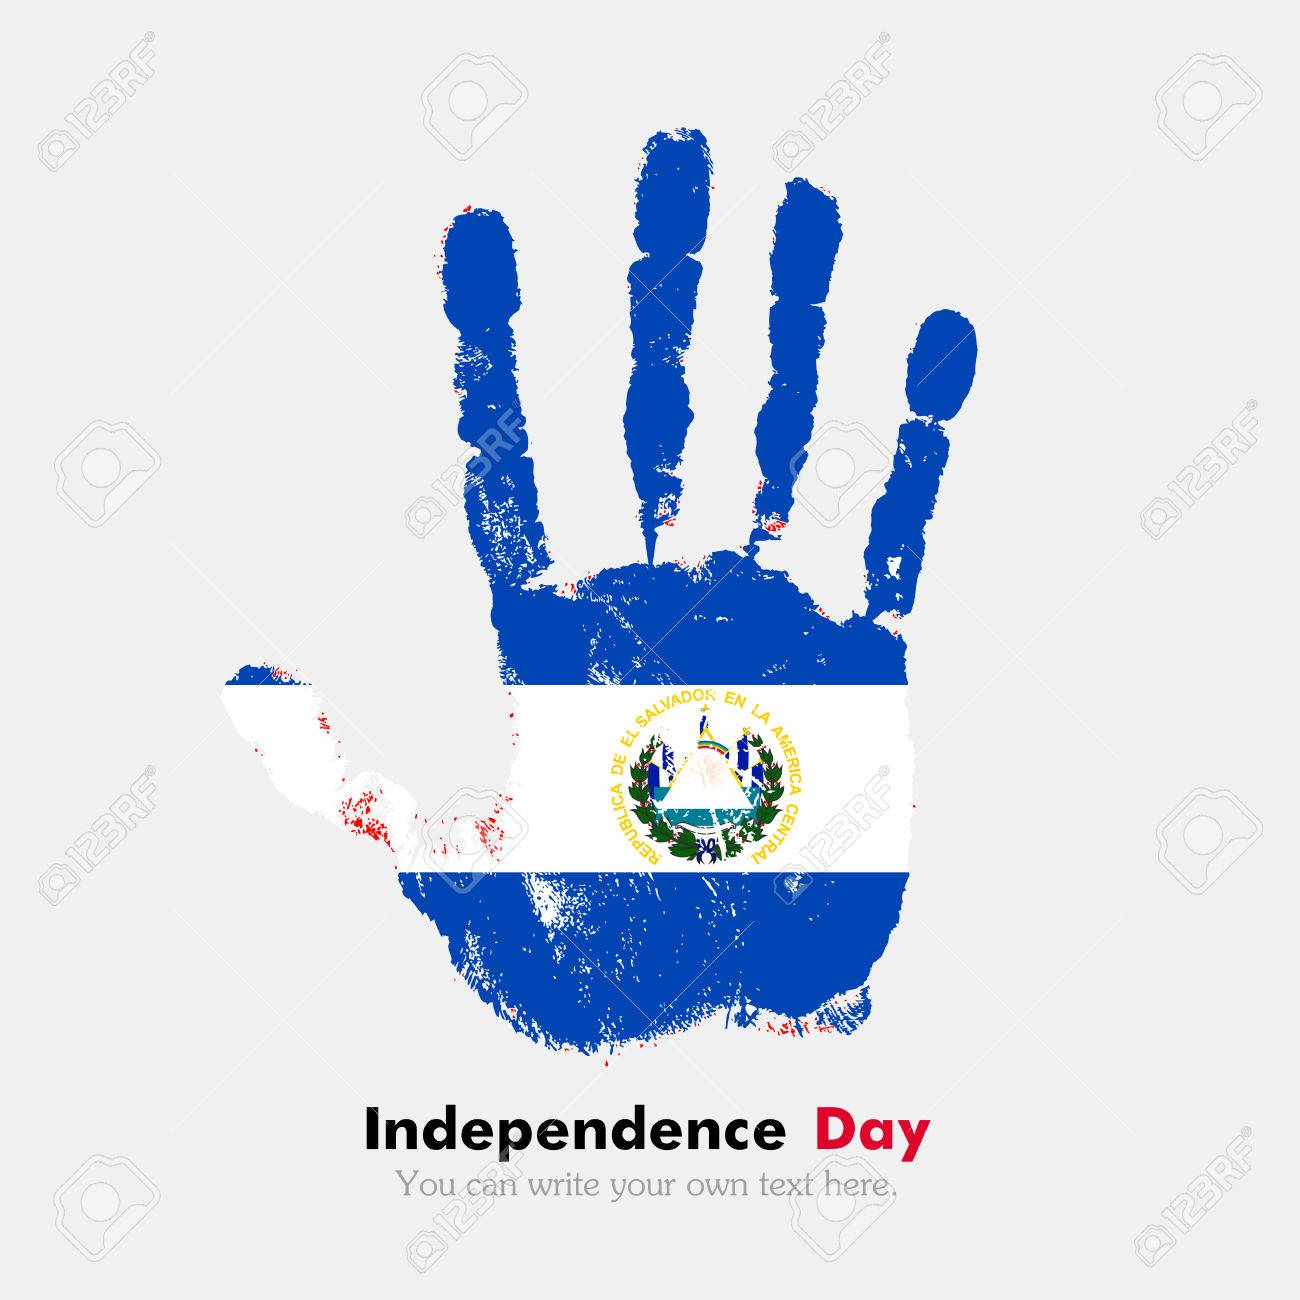 Impresión De La Mano, Que Lleva La Bandera De El Salvador. Día De La ...